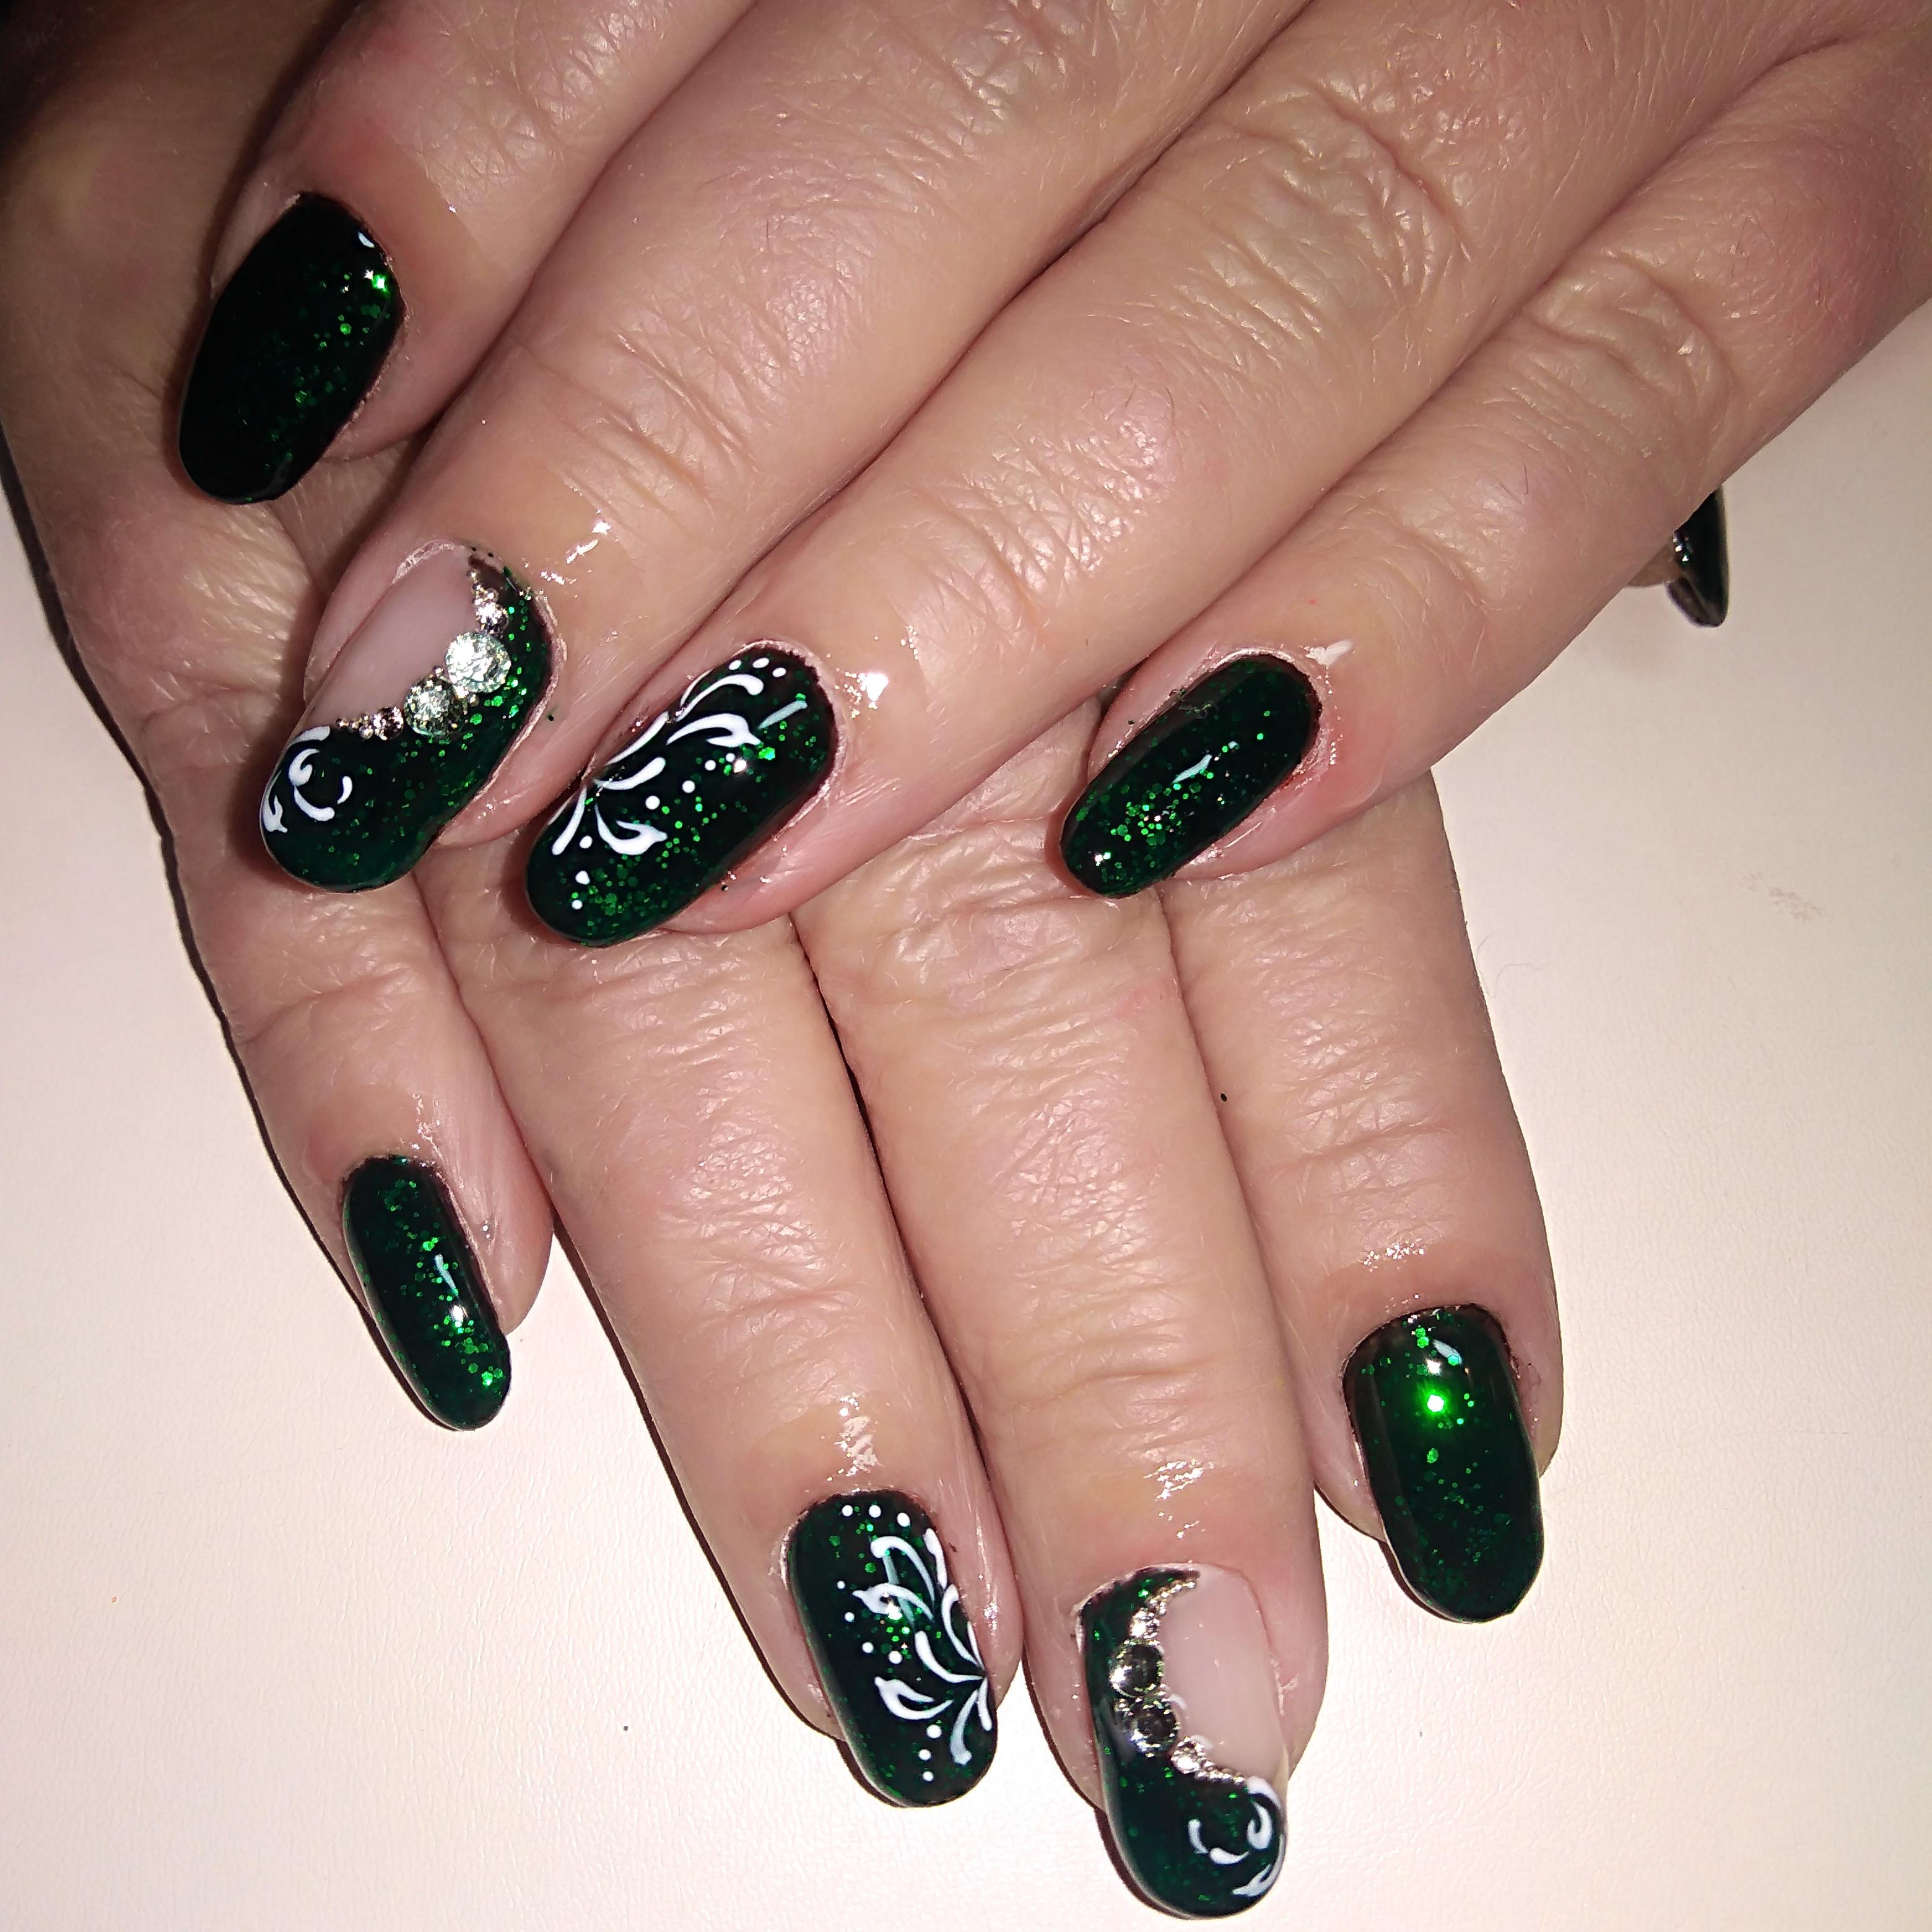 Блестящий маникюр в тёмно-зелёном цвете с вензелями и стразами.